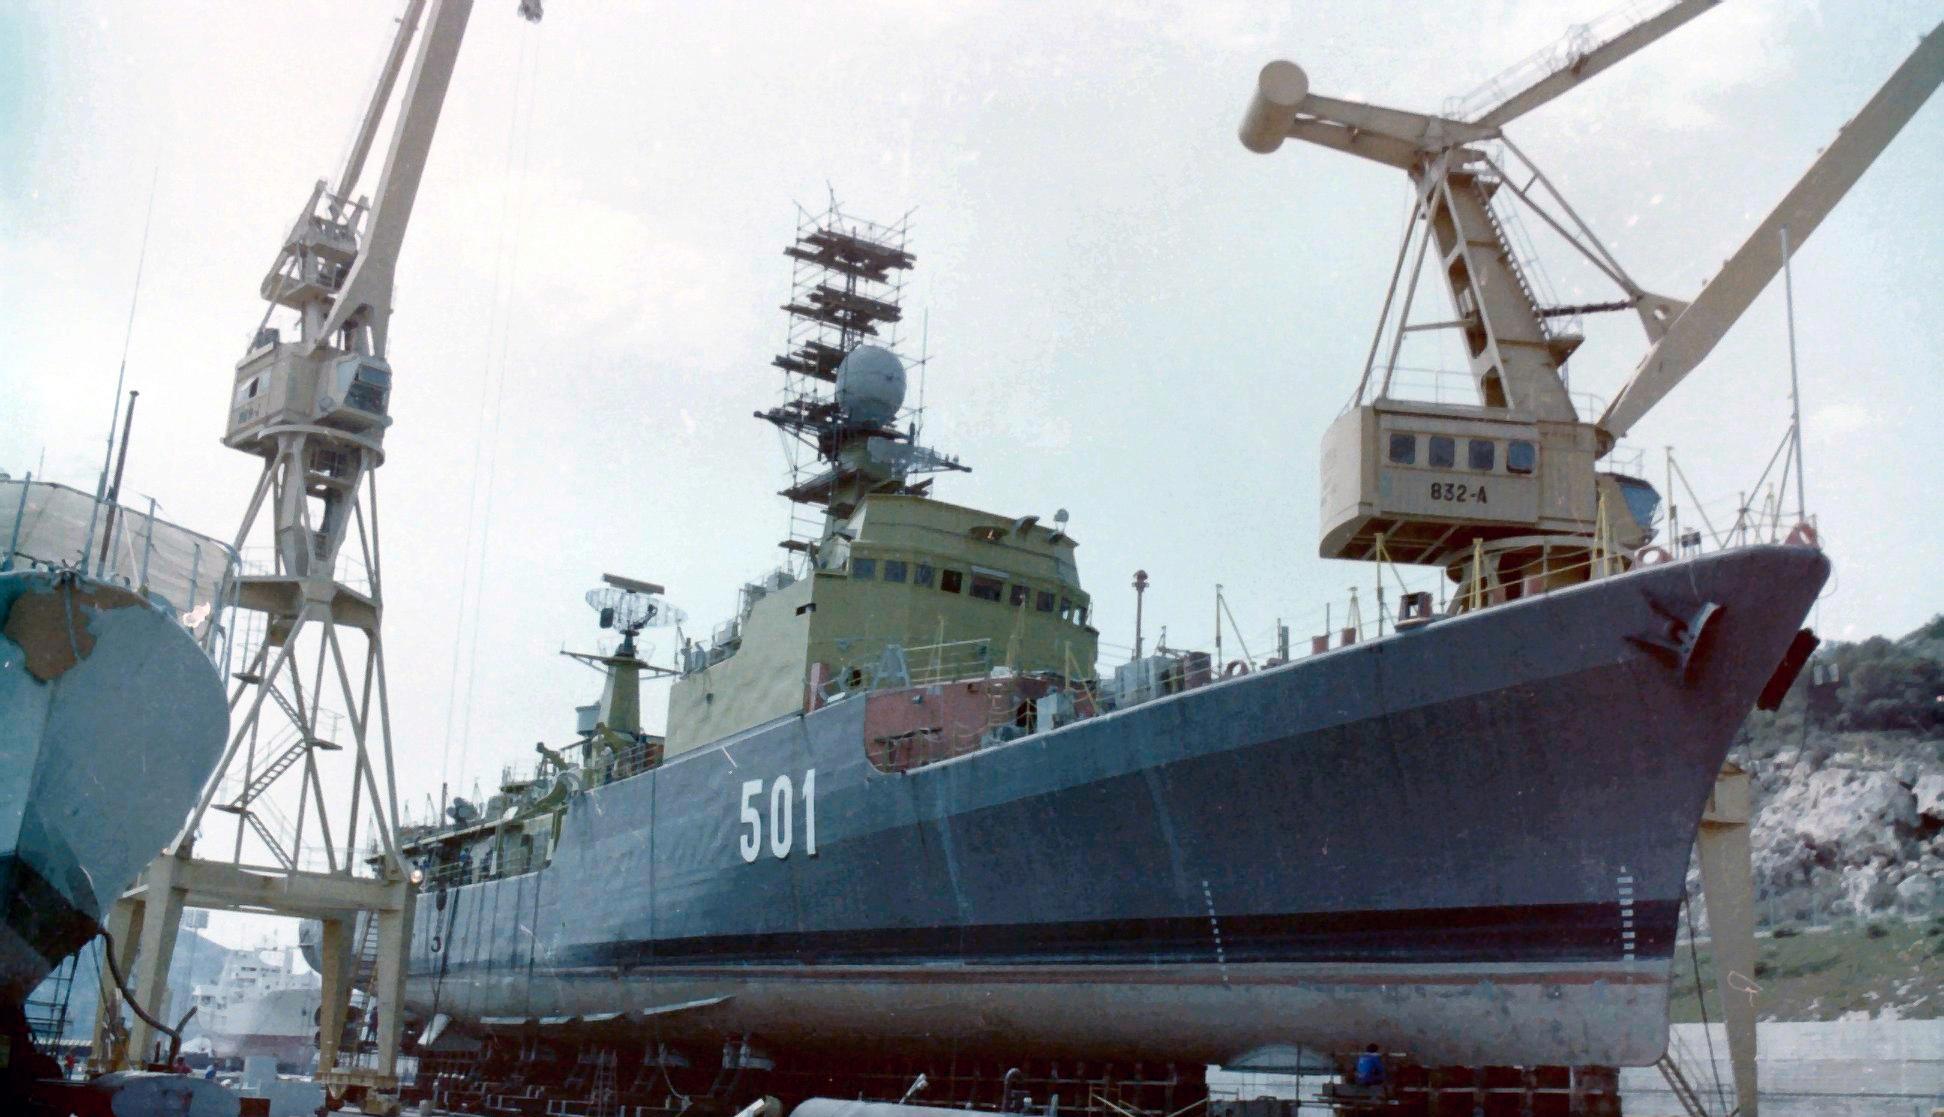 Royal Moroccan Navy Descubierta Frigate / Corvette Lt Cl Errahmani - Bâtiment École - Page 4 Clipb493